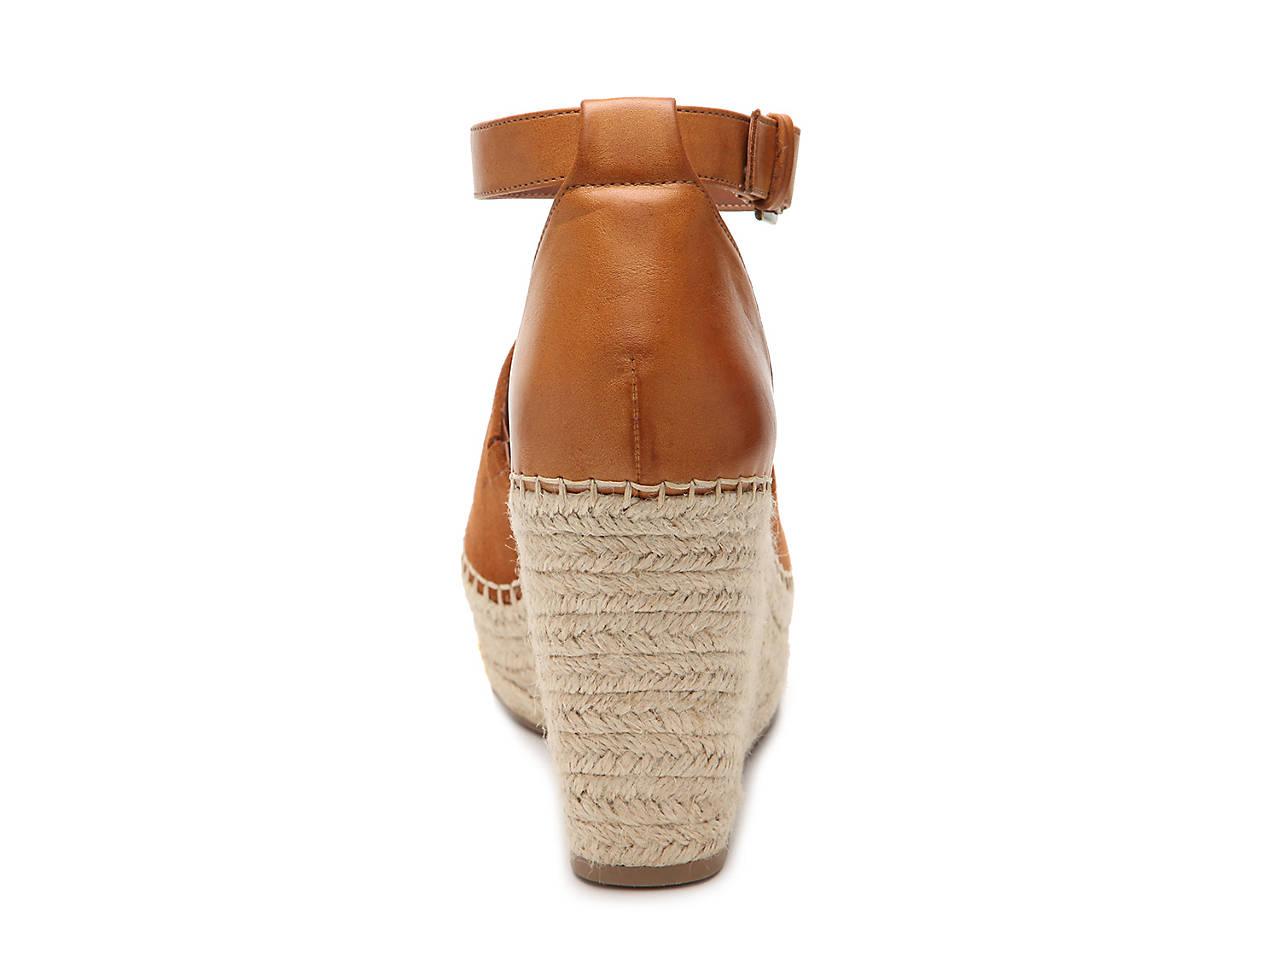 77ba9aee069 Steve Madden Jaylen Wedge Sandal Women s Shoes